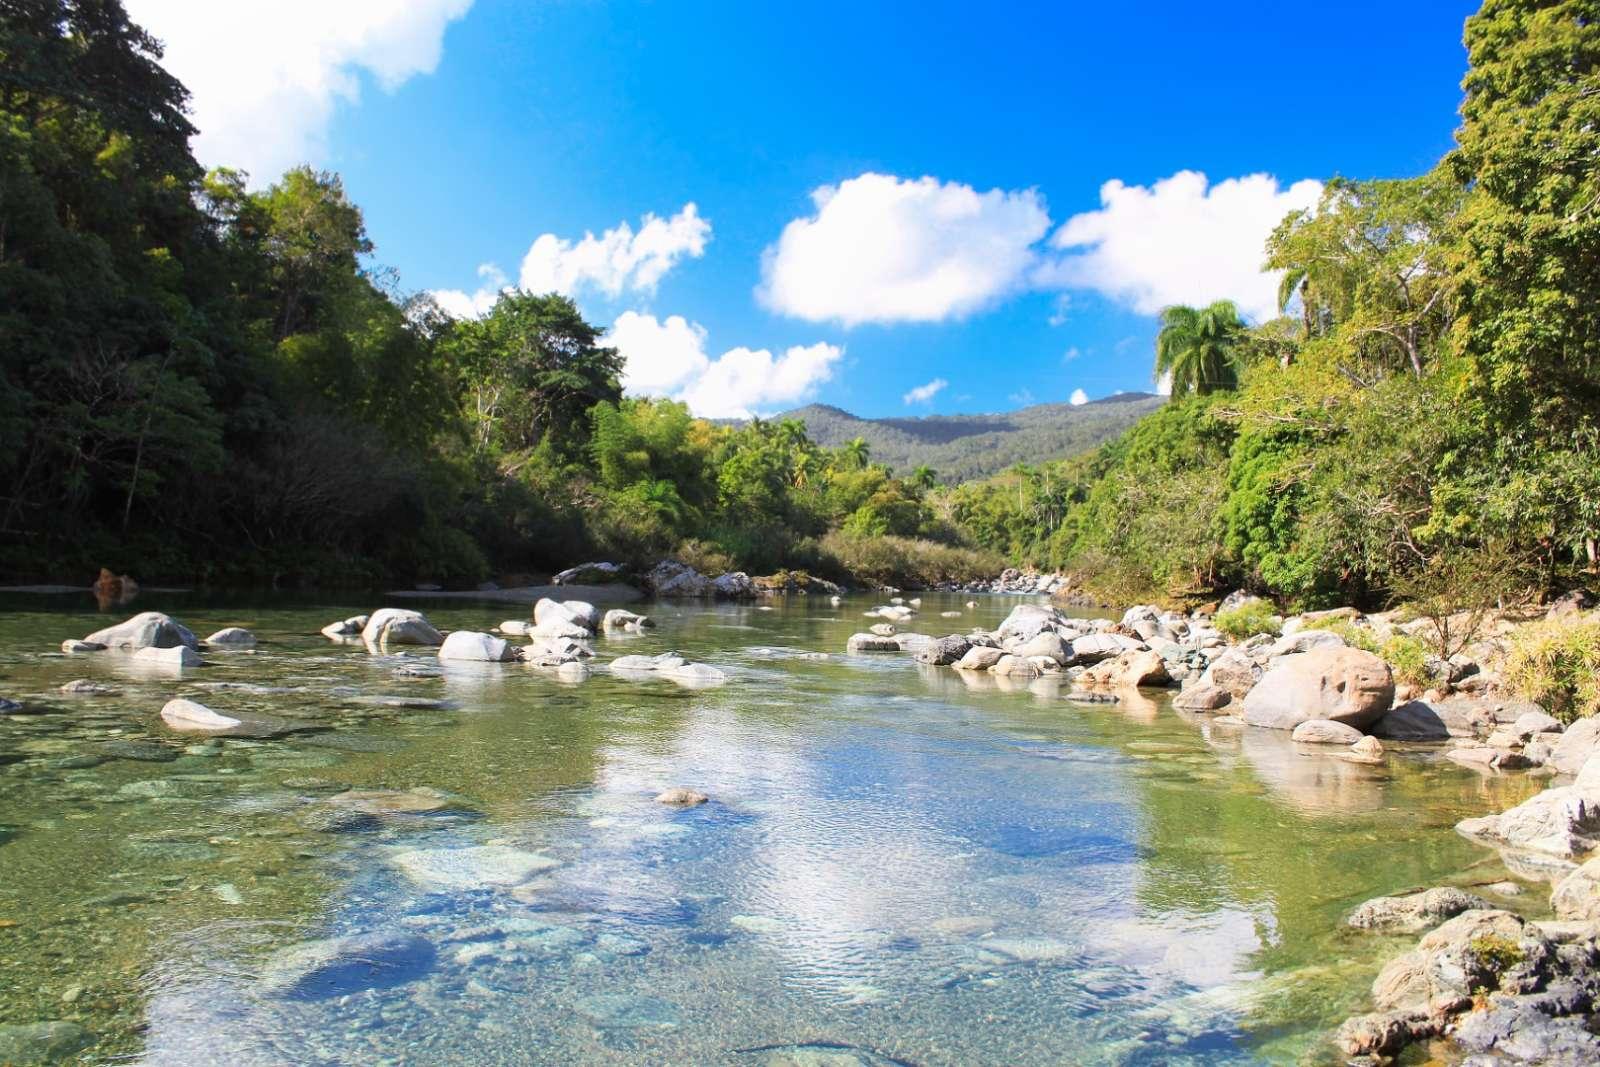 Rio Toa in Baracoa Cuba